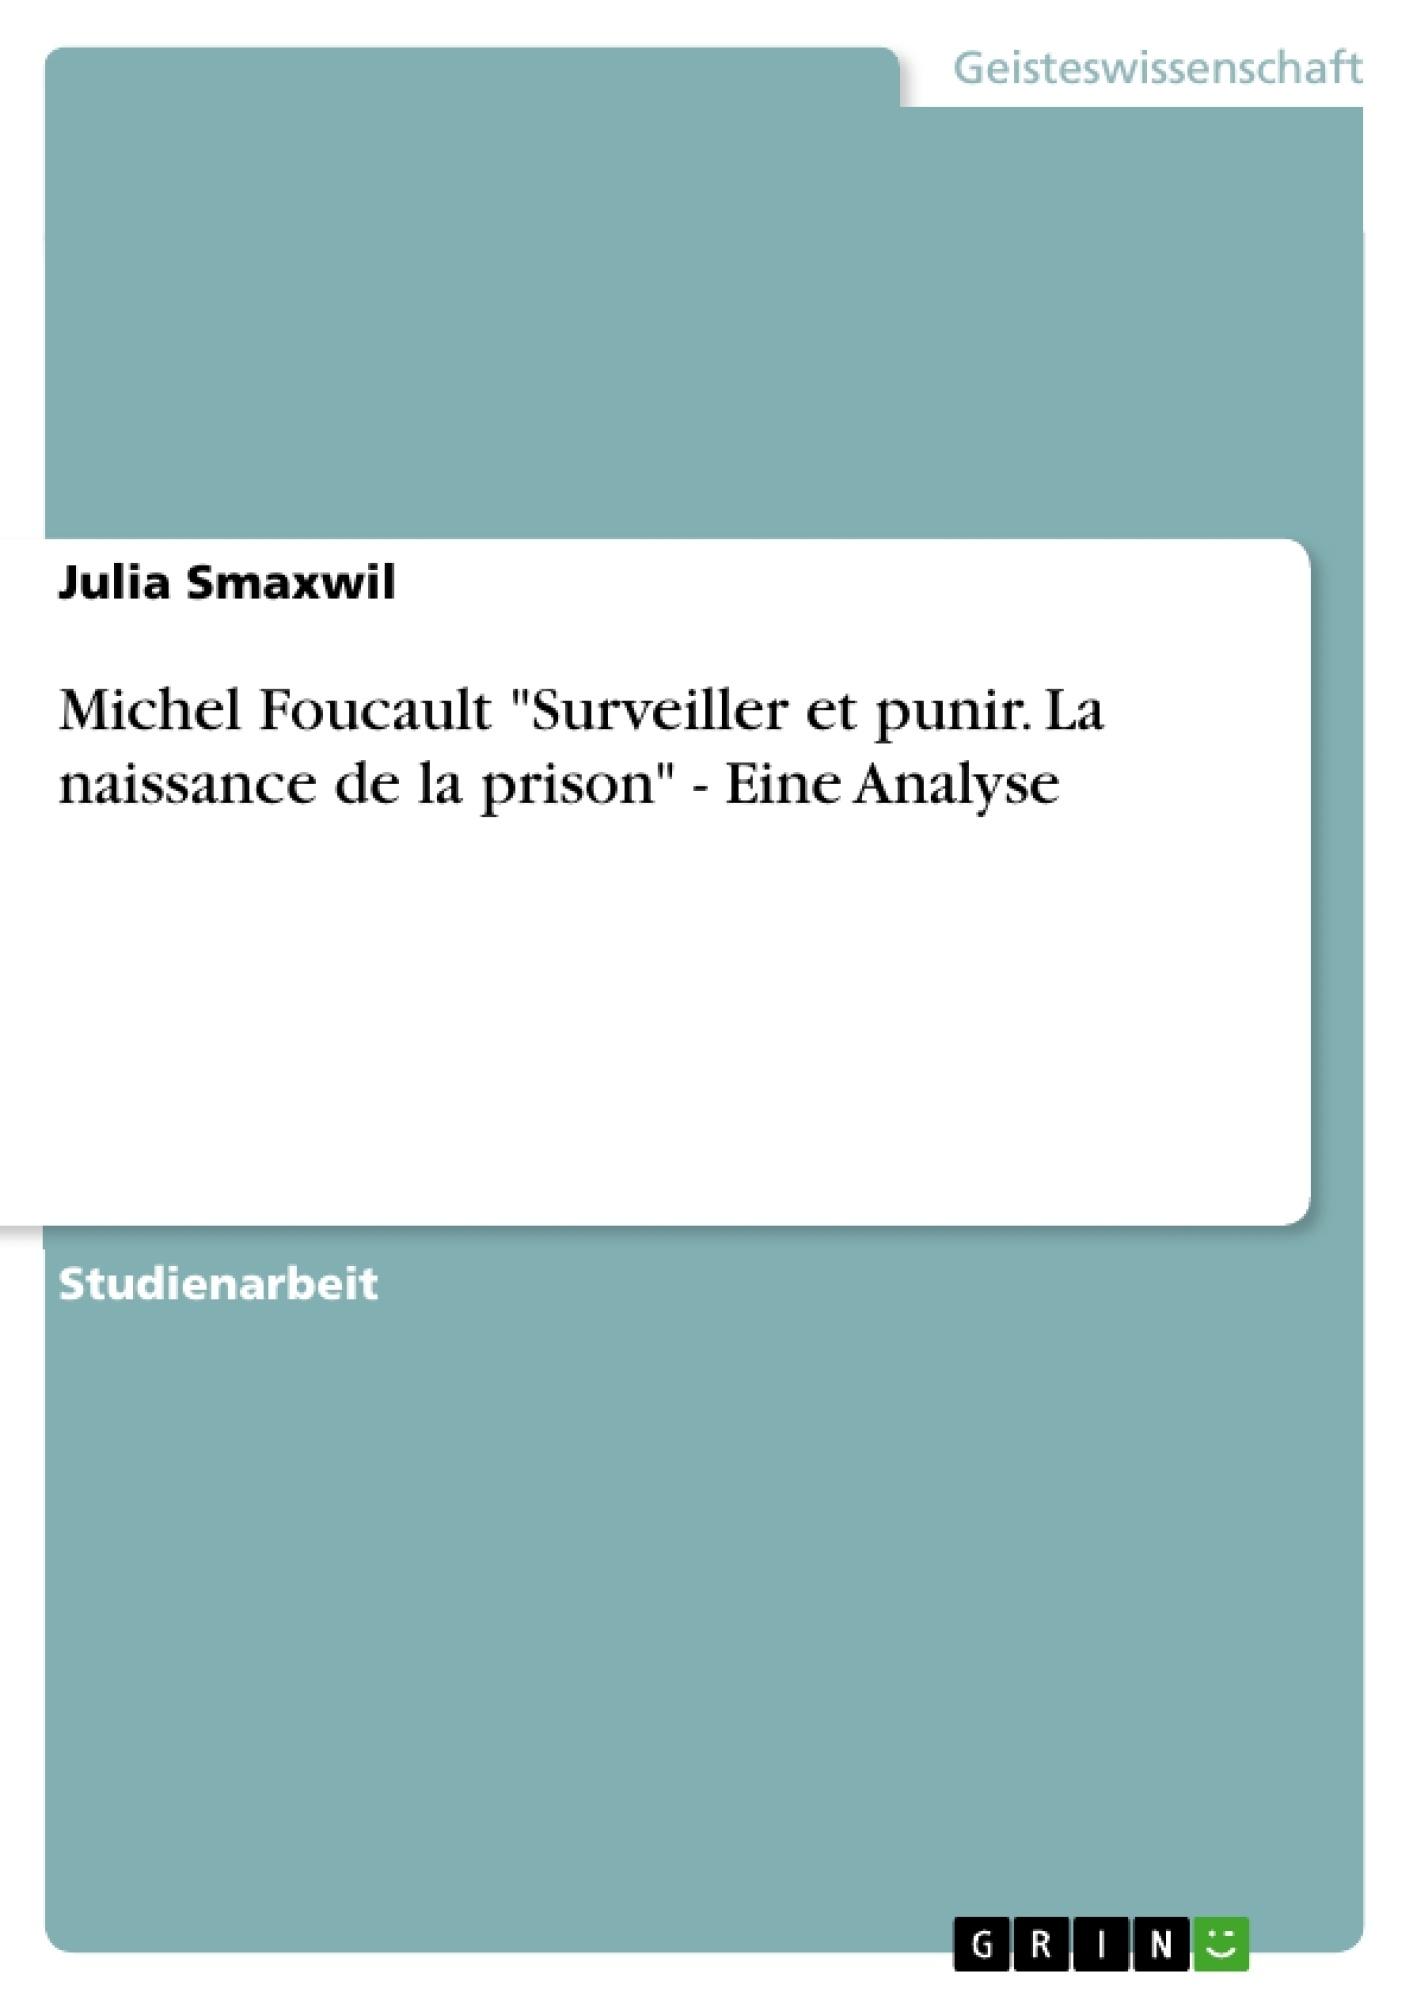 """Titel: Michel Foucault """"Surveiller et punir.  La naissance de la prison"""" - Eine Analyse"""